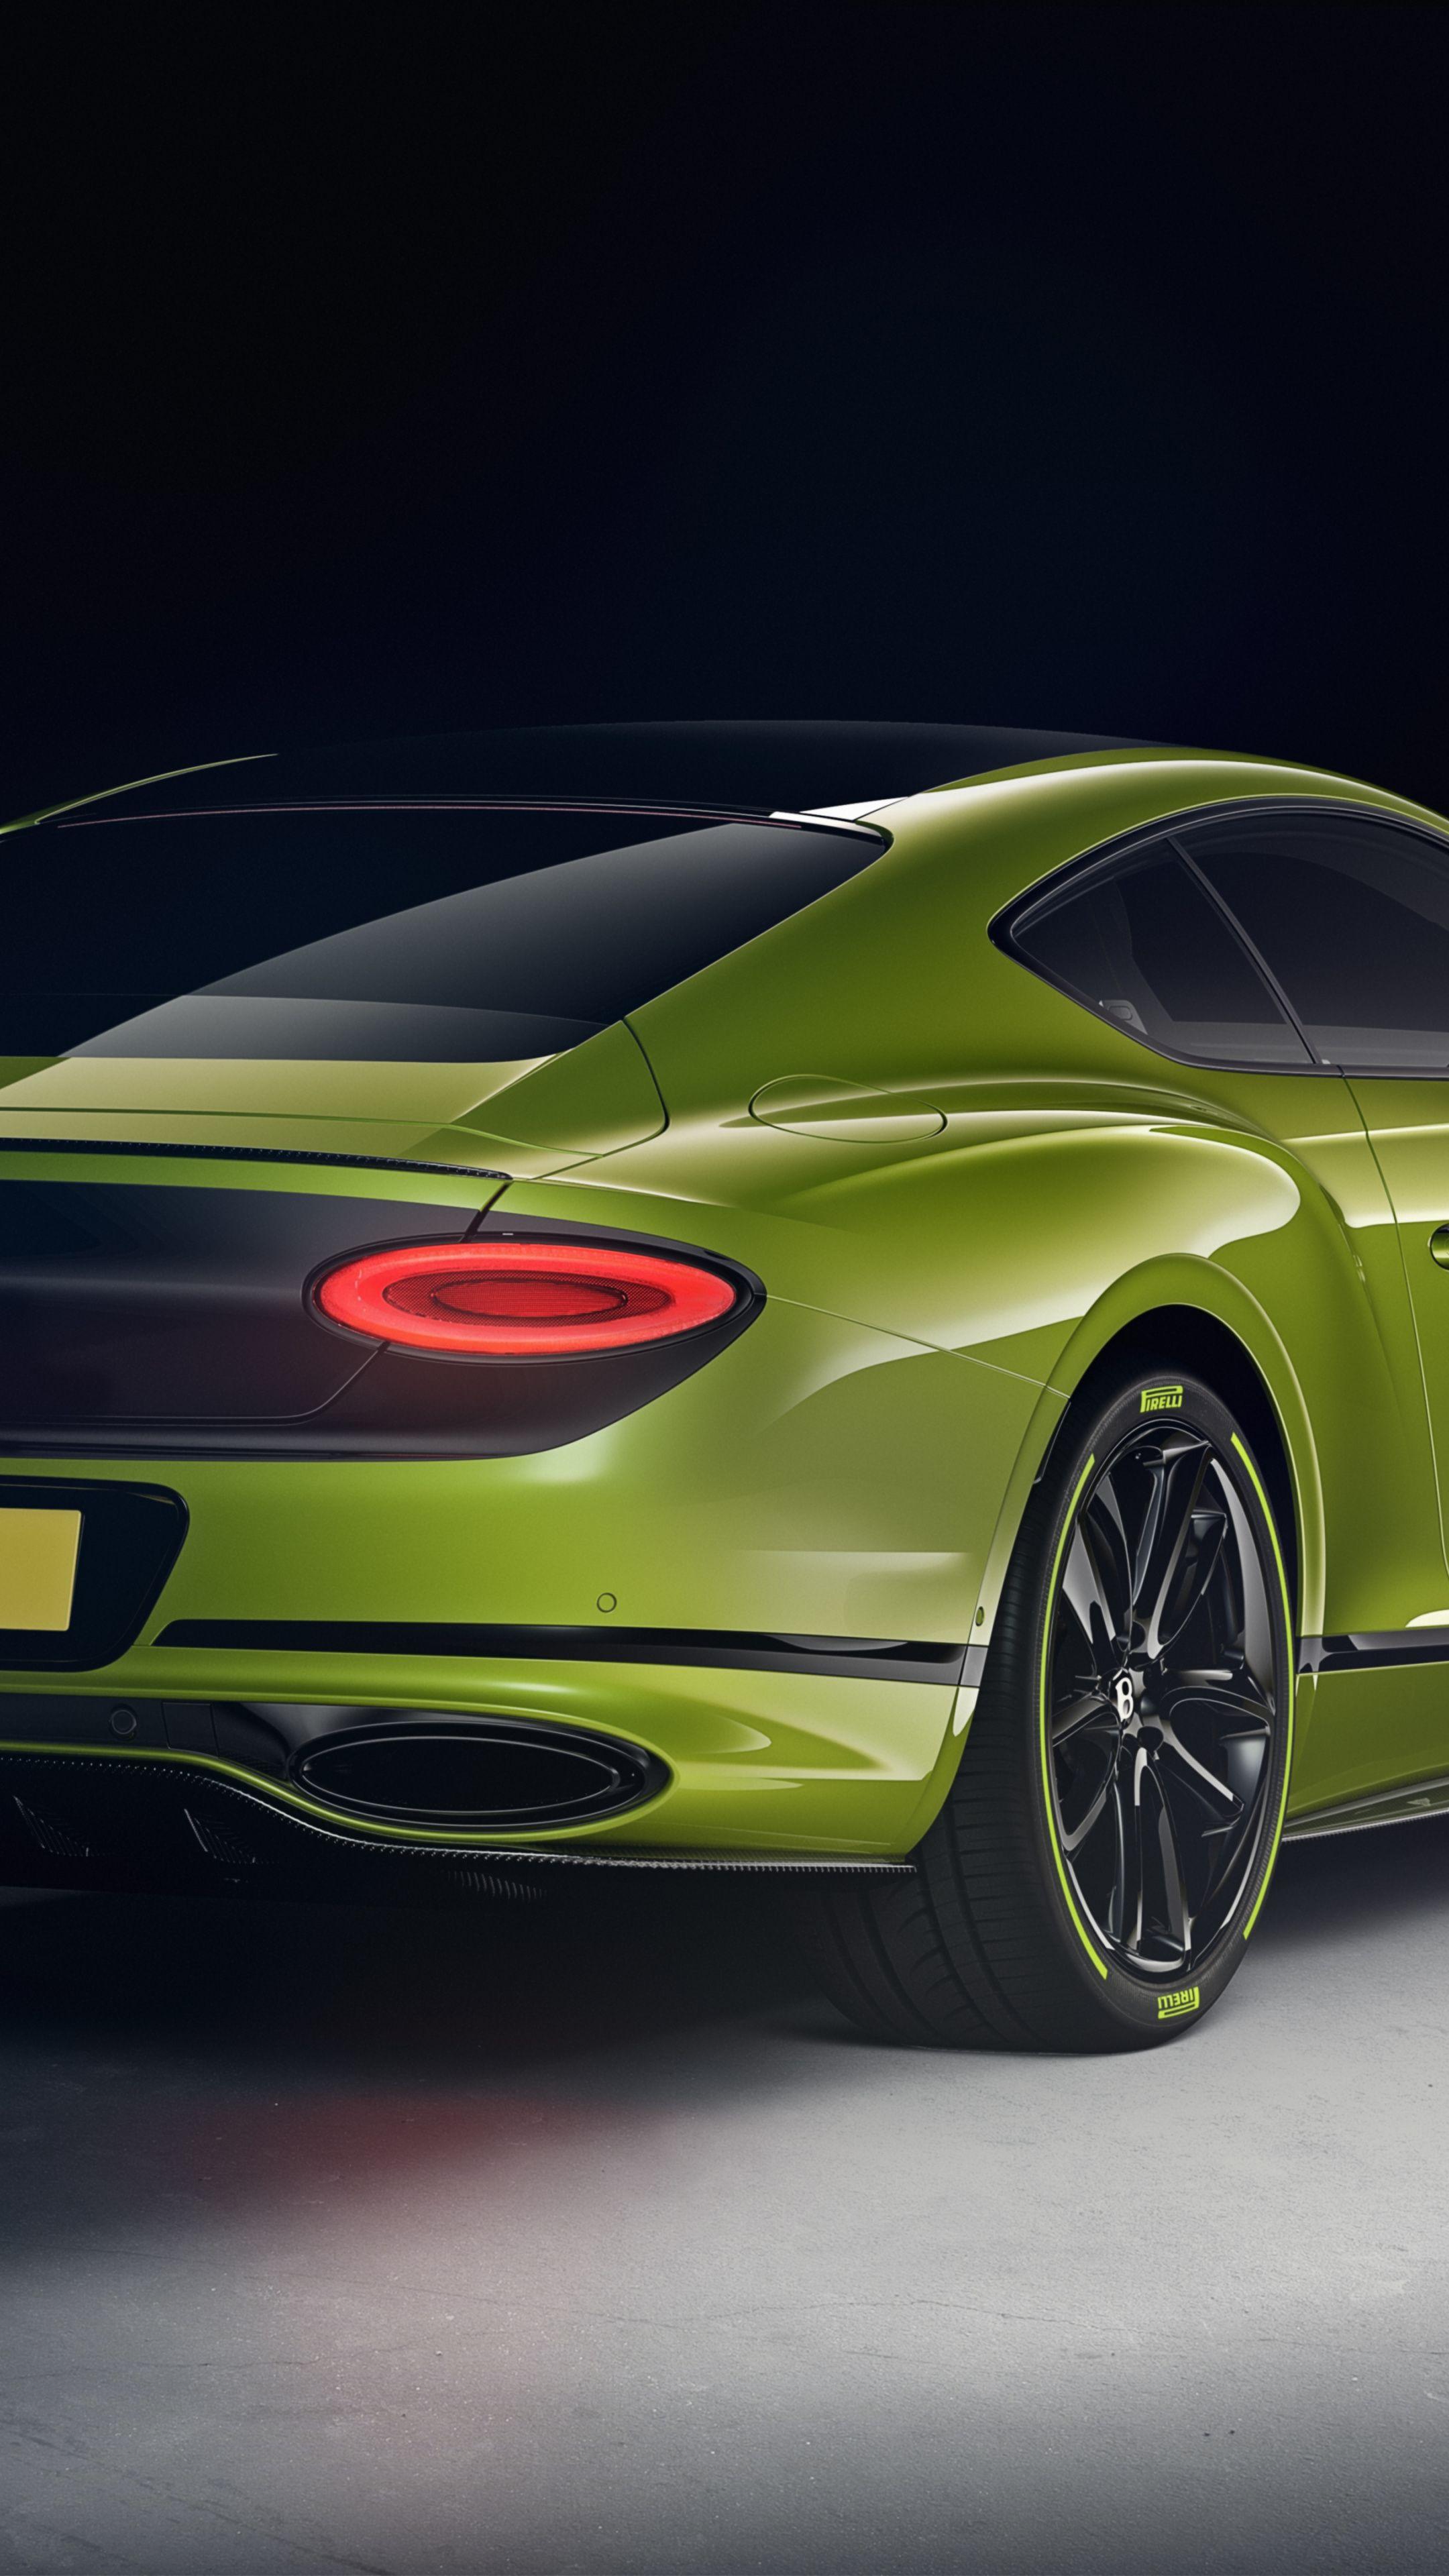 2160x3840 Green car, luxurious, Bentley Continental GT